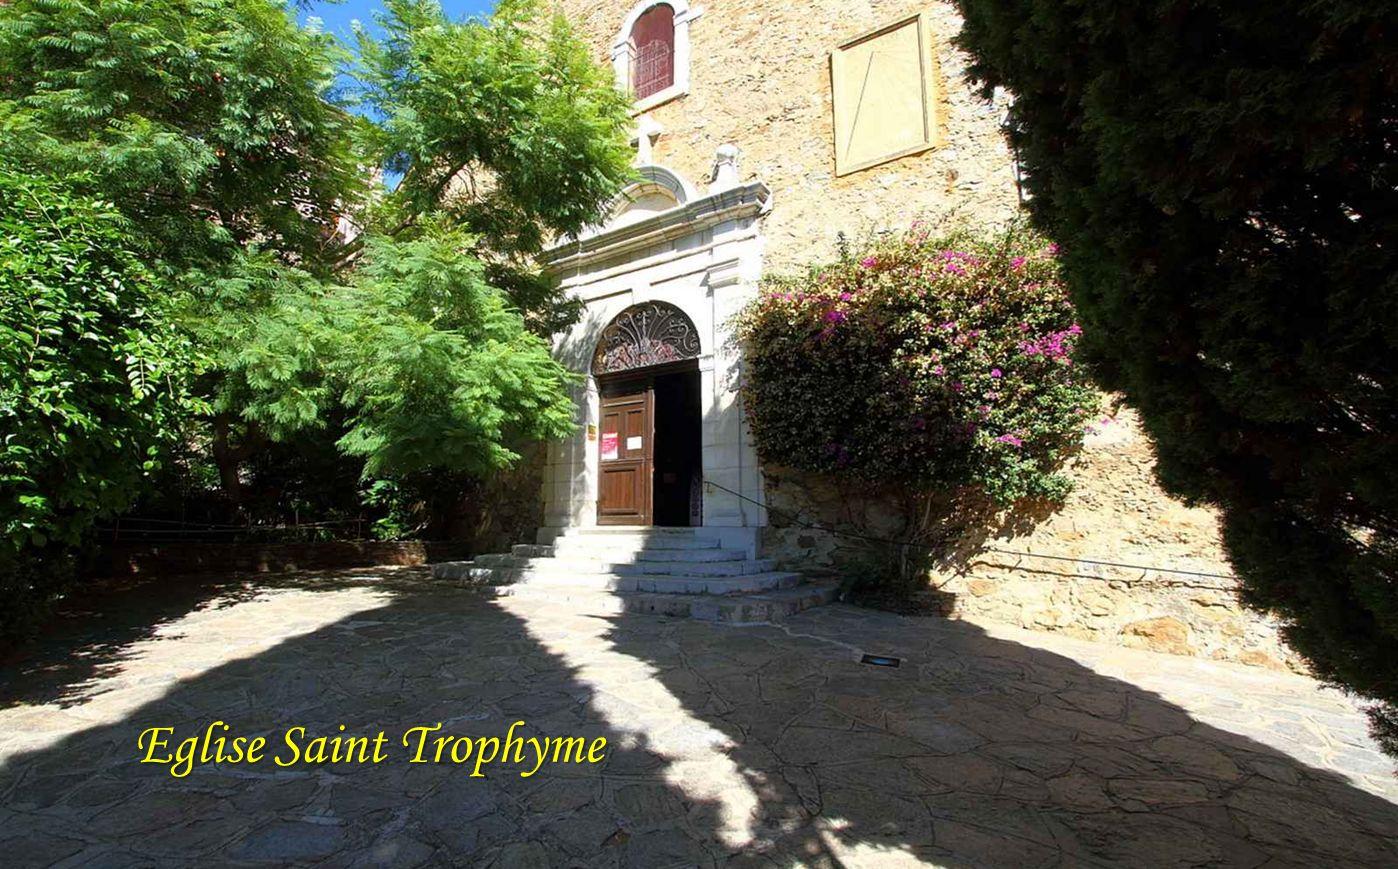 Eglise Saint Trophyme